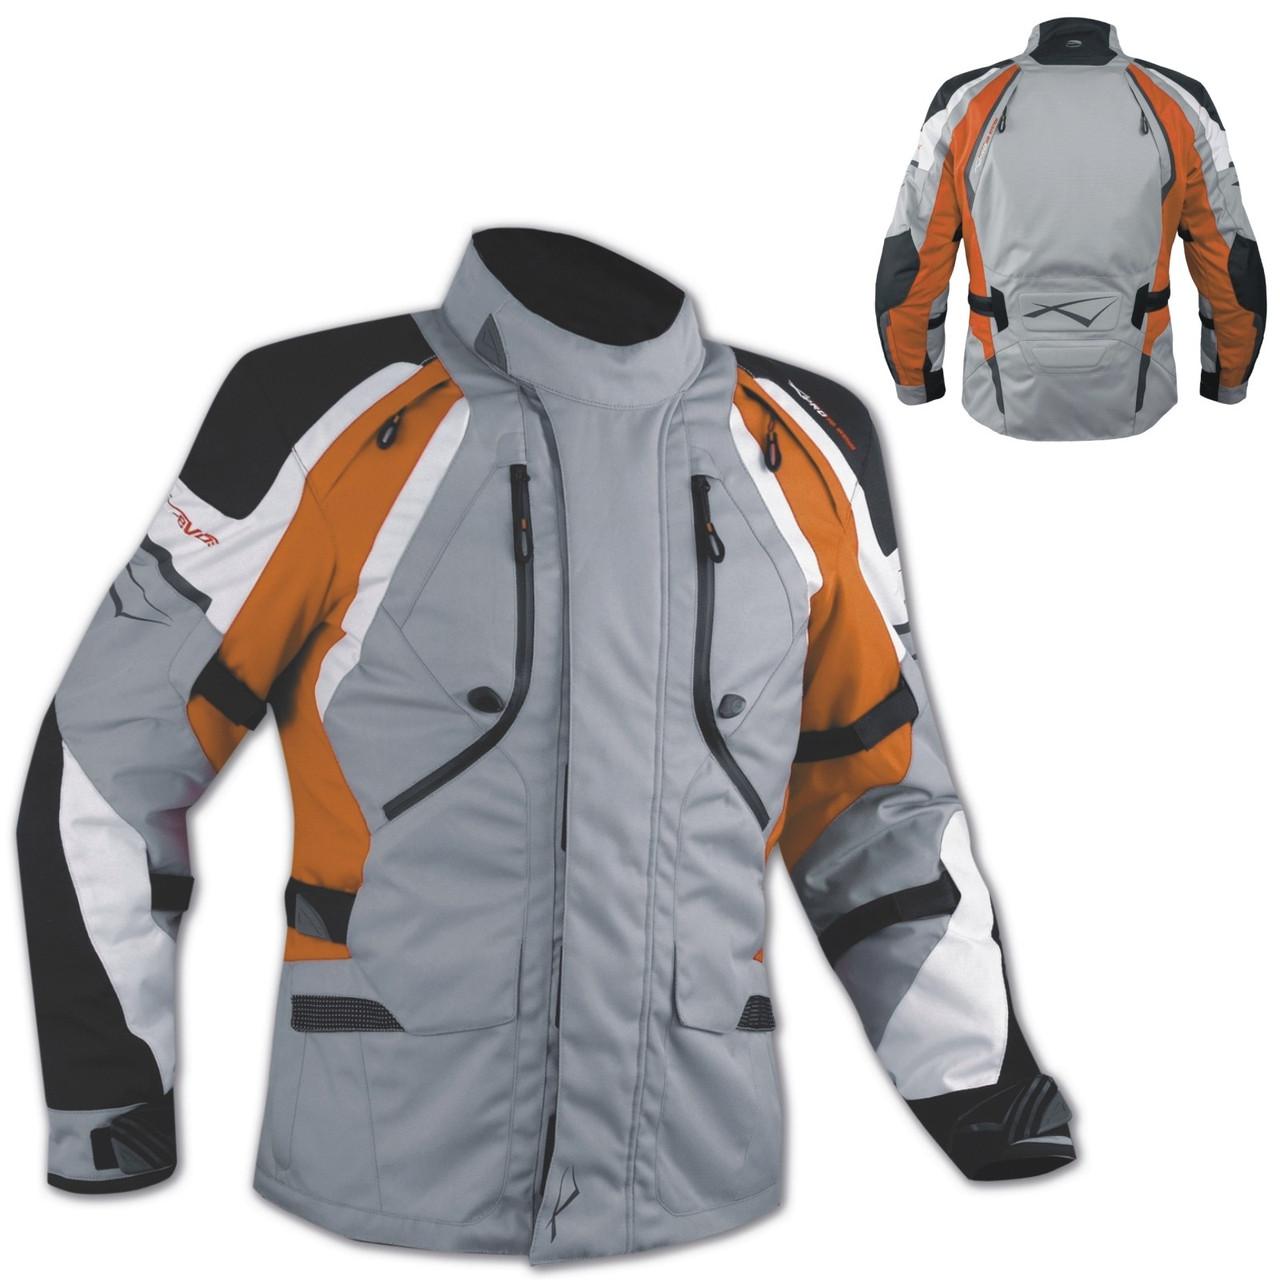 Куртка Внедорожный Мотоцикл Водонепроницаемый Ткани Защиты CE воздухозаборники Оранжевый